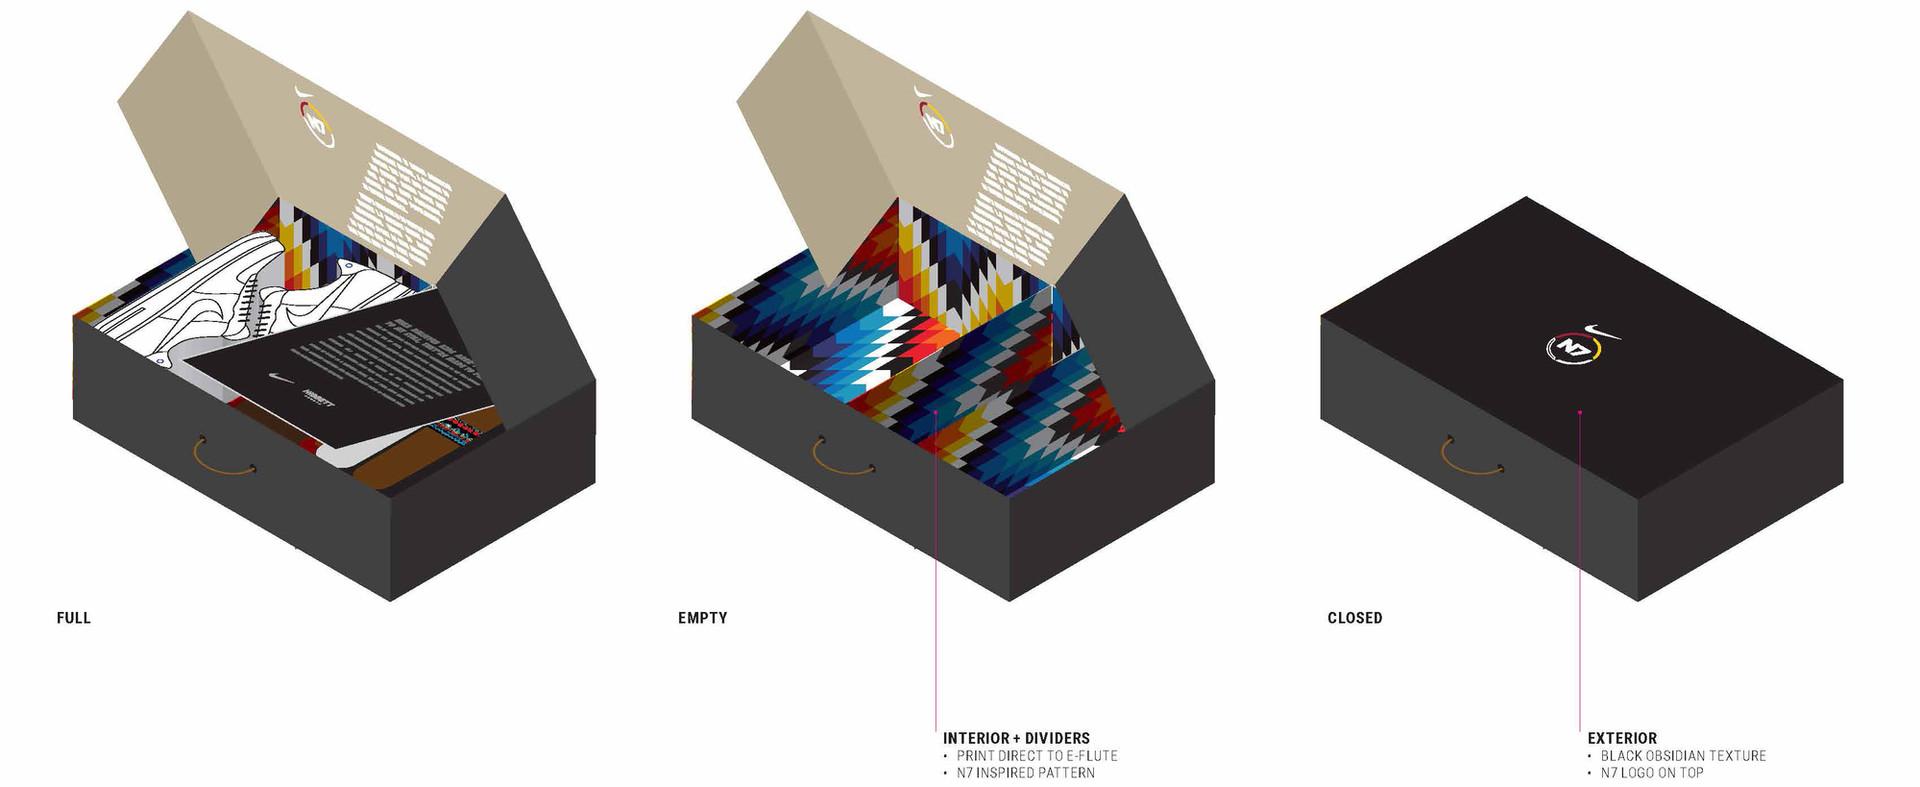 JTW_Nike_N7-Influencer-Kit_Schematics_r2